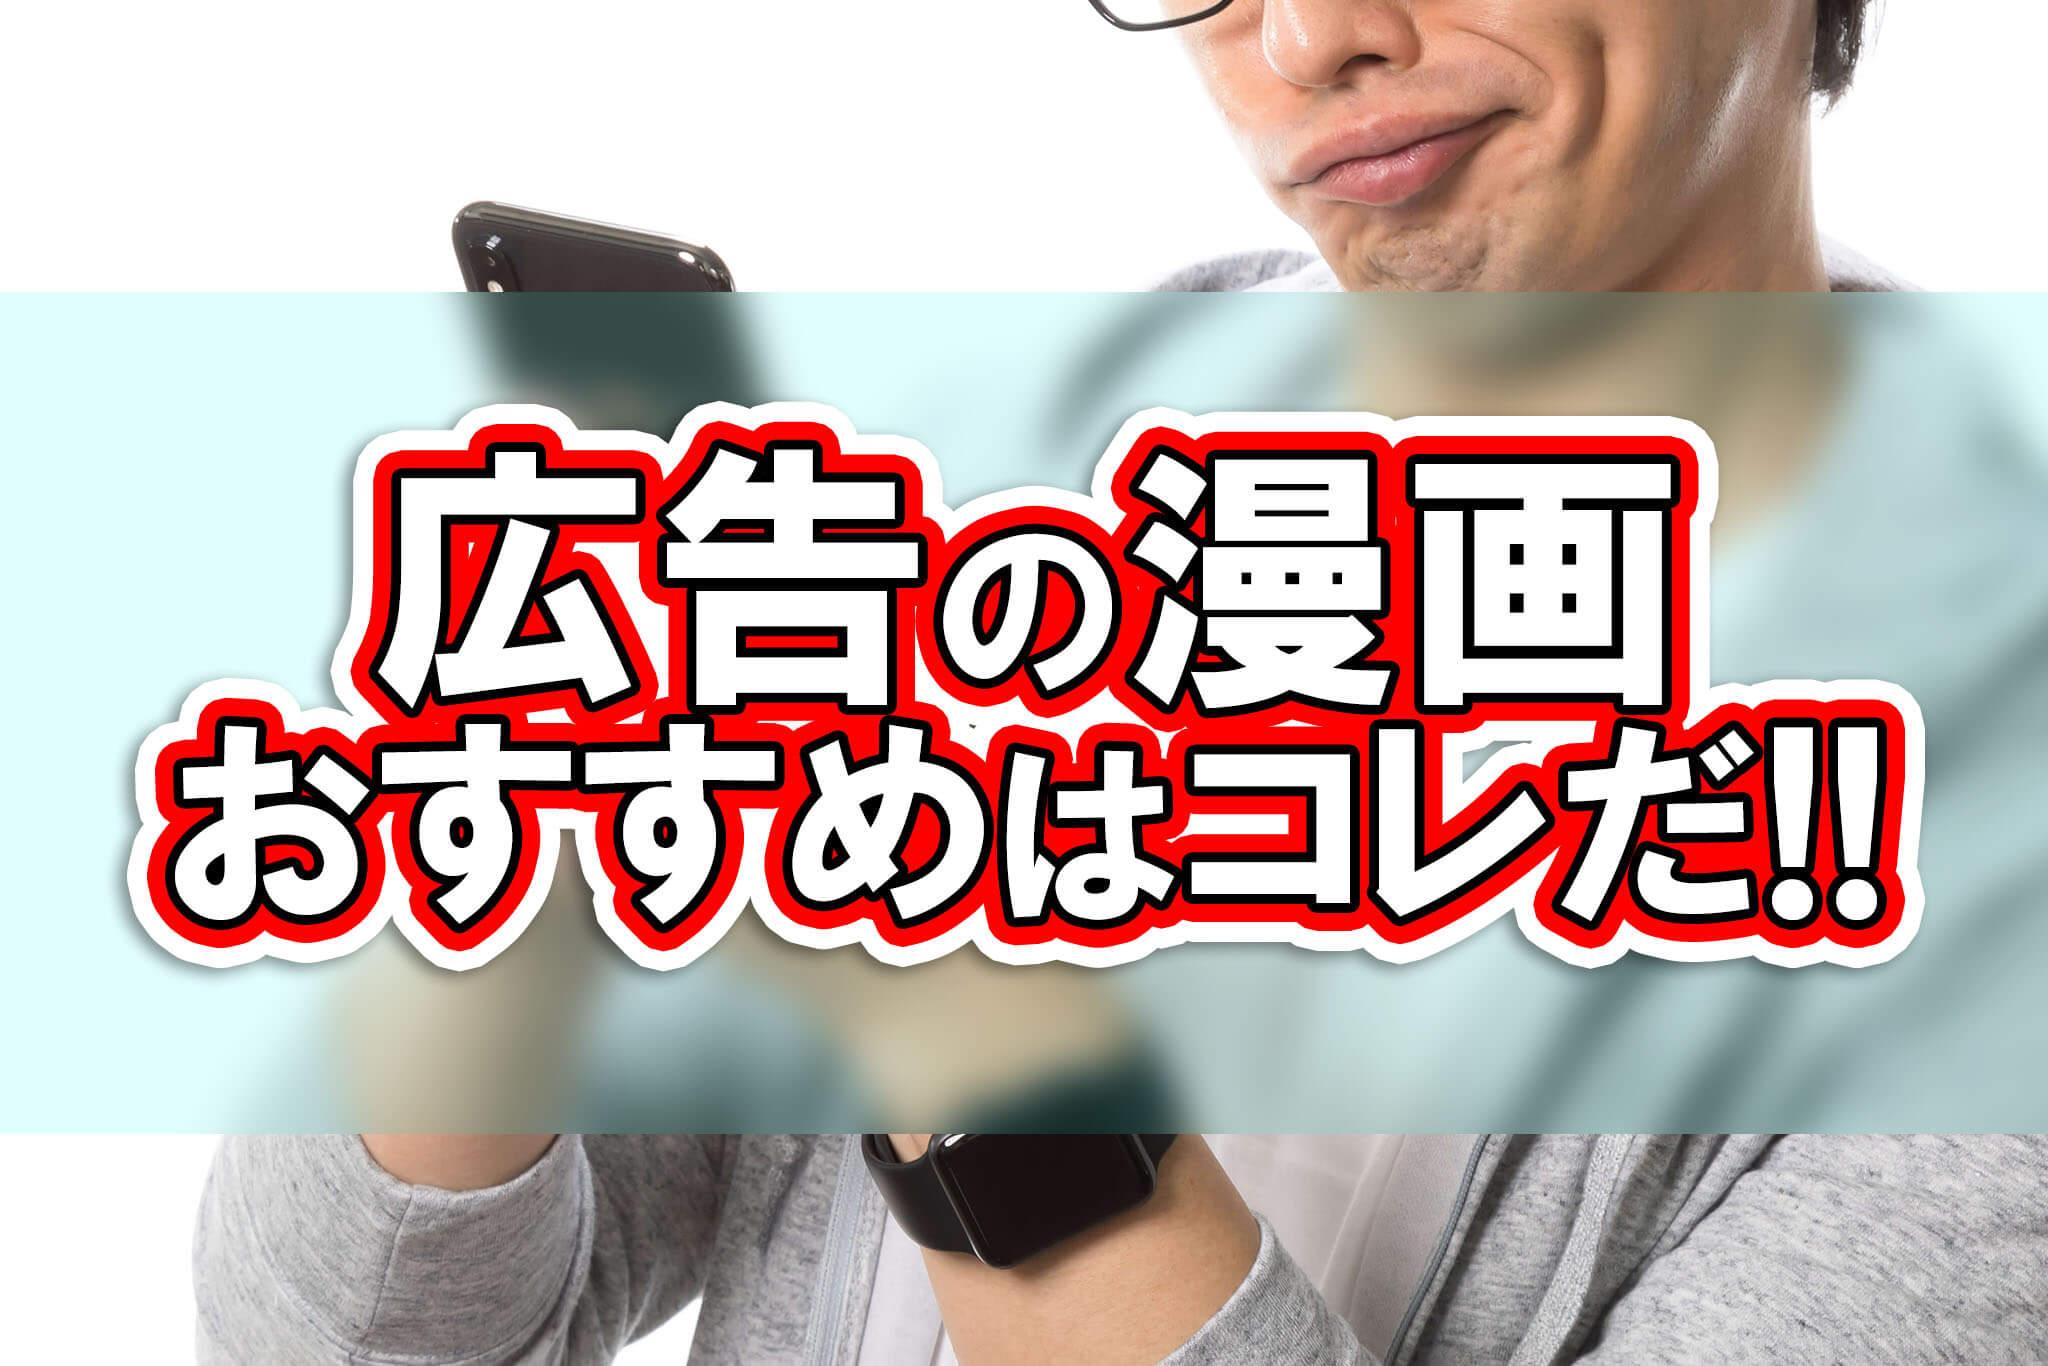 広告の漫画おすすめはコレだ!!